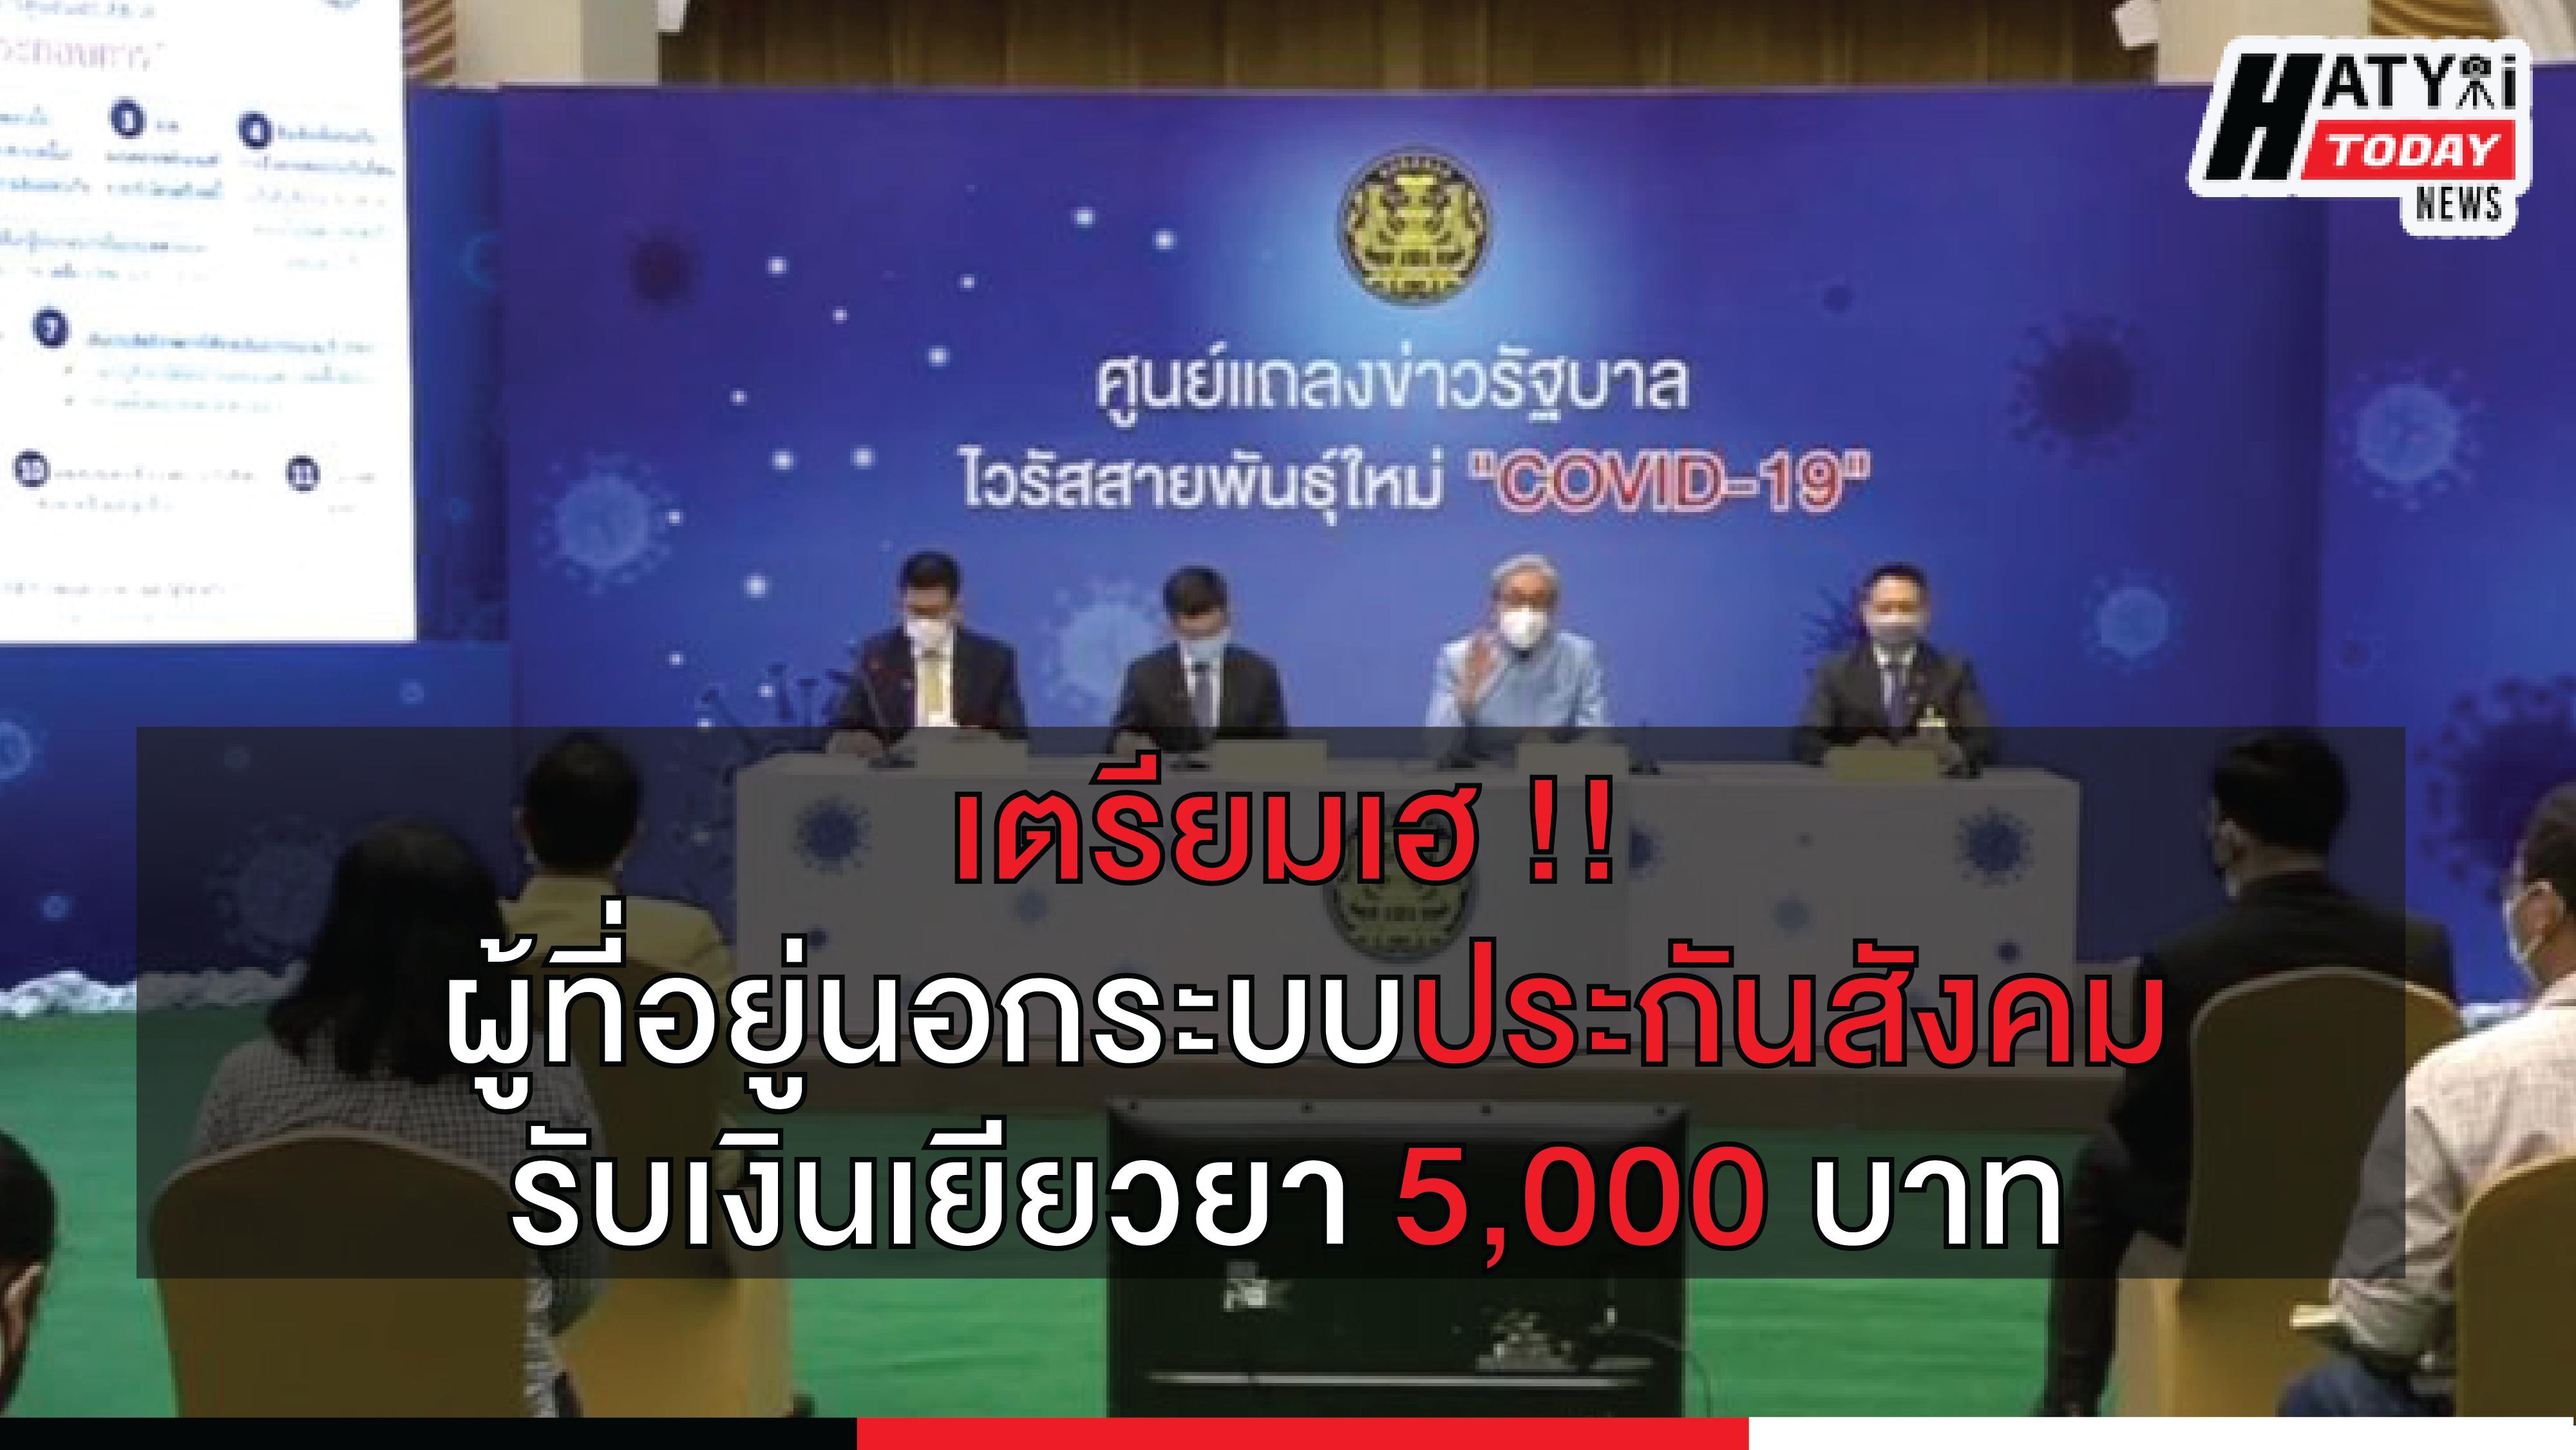 เตรียมเฮ!! ผู้ที่อยู่นอกระบบประกันสังคม รับเงินเยียวยา 5,000 บาท